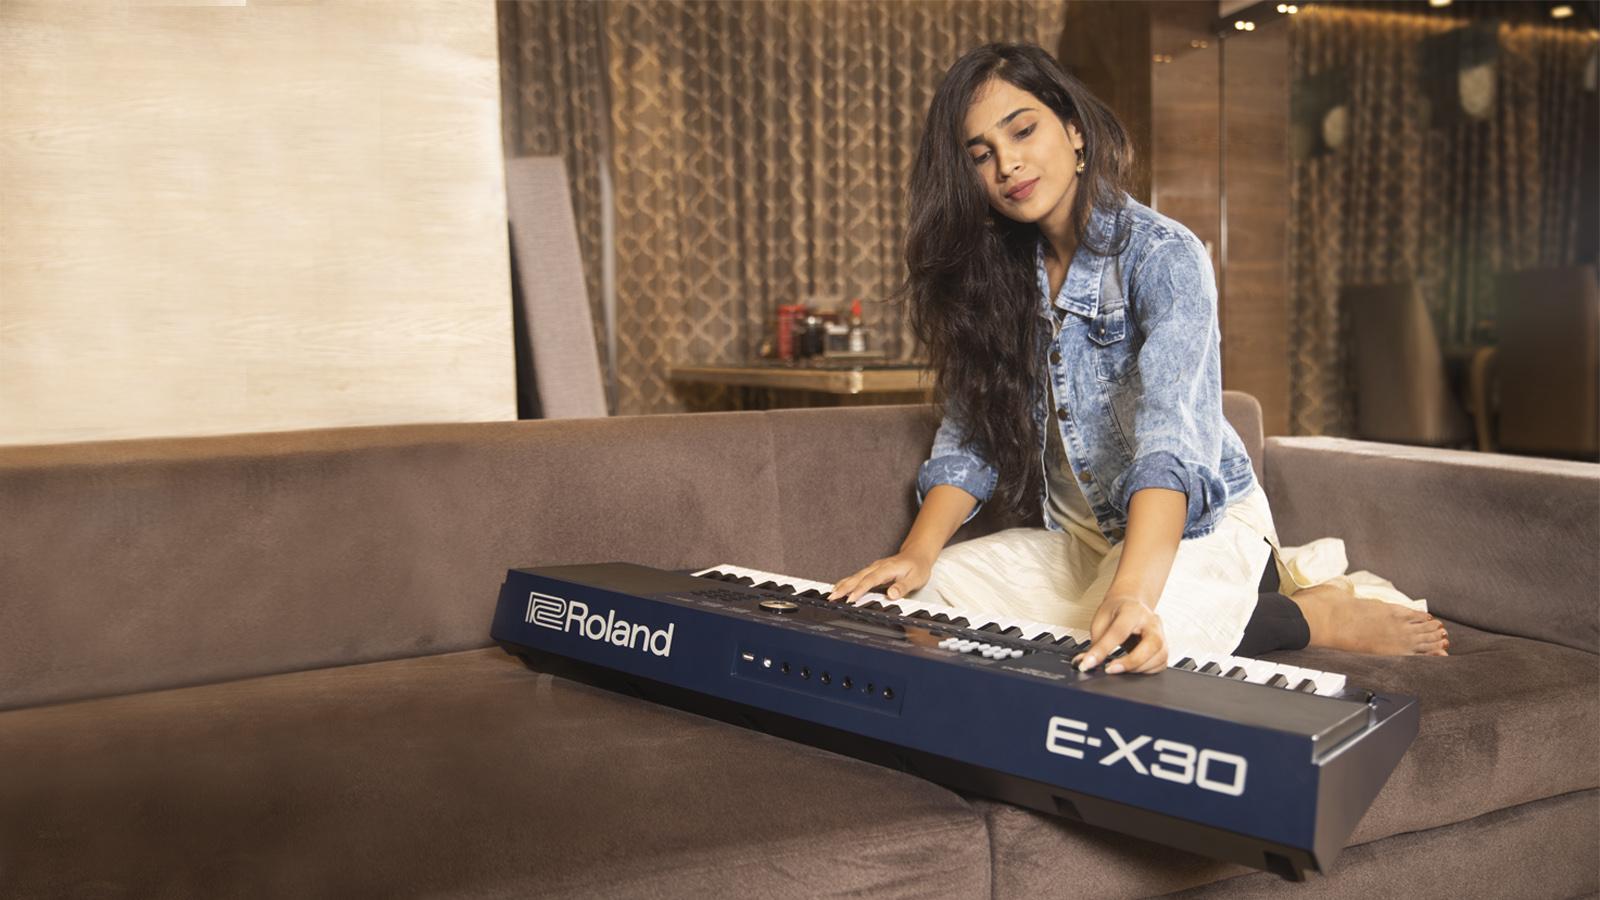 E-X30